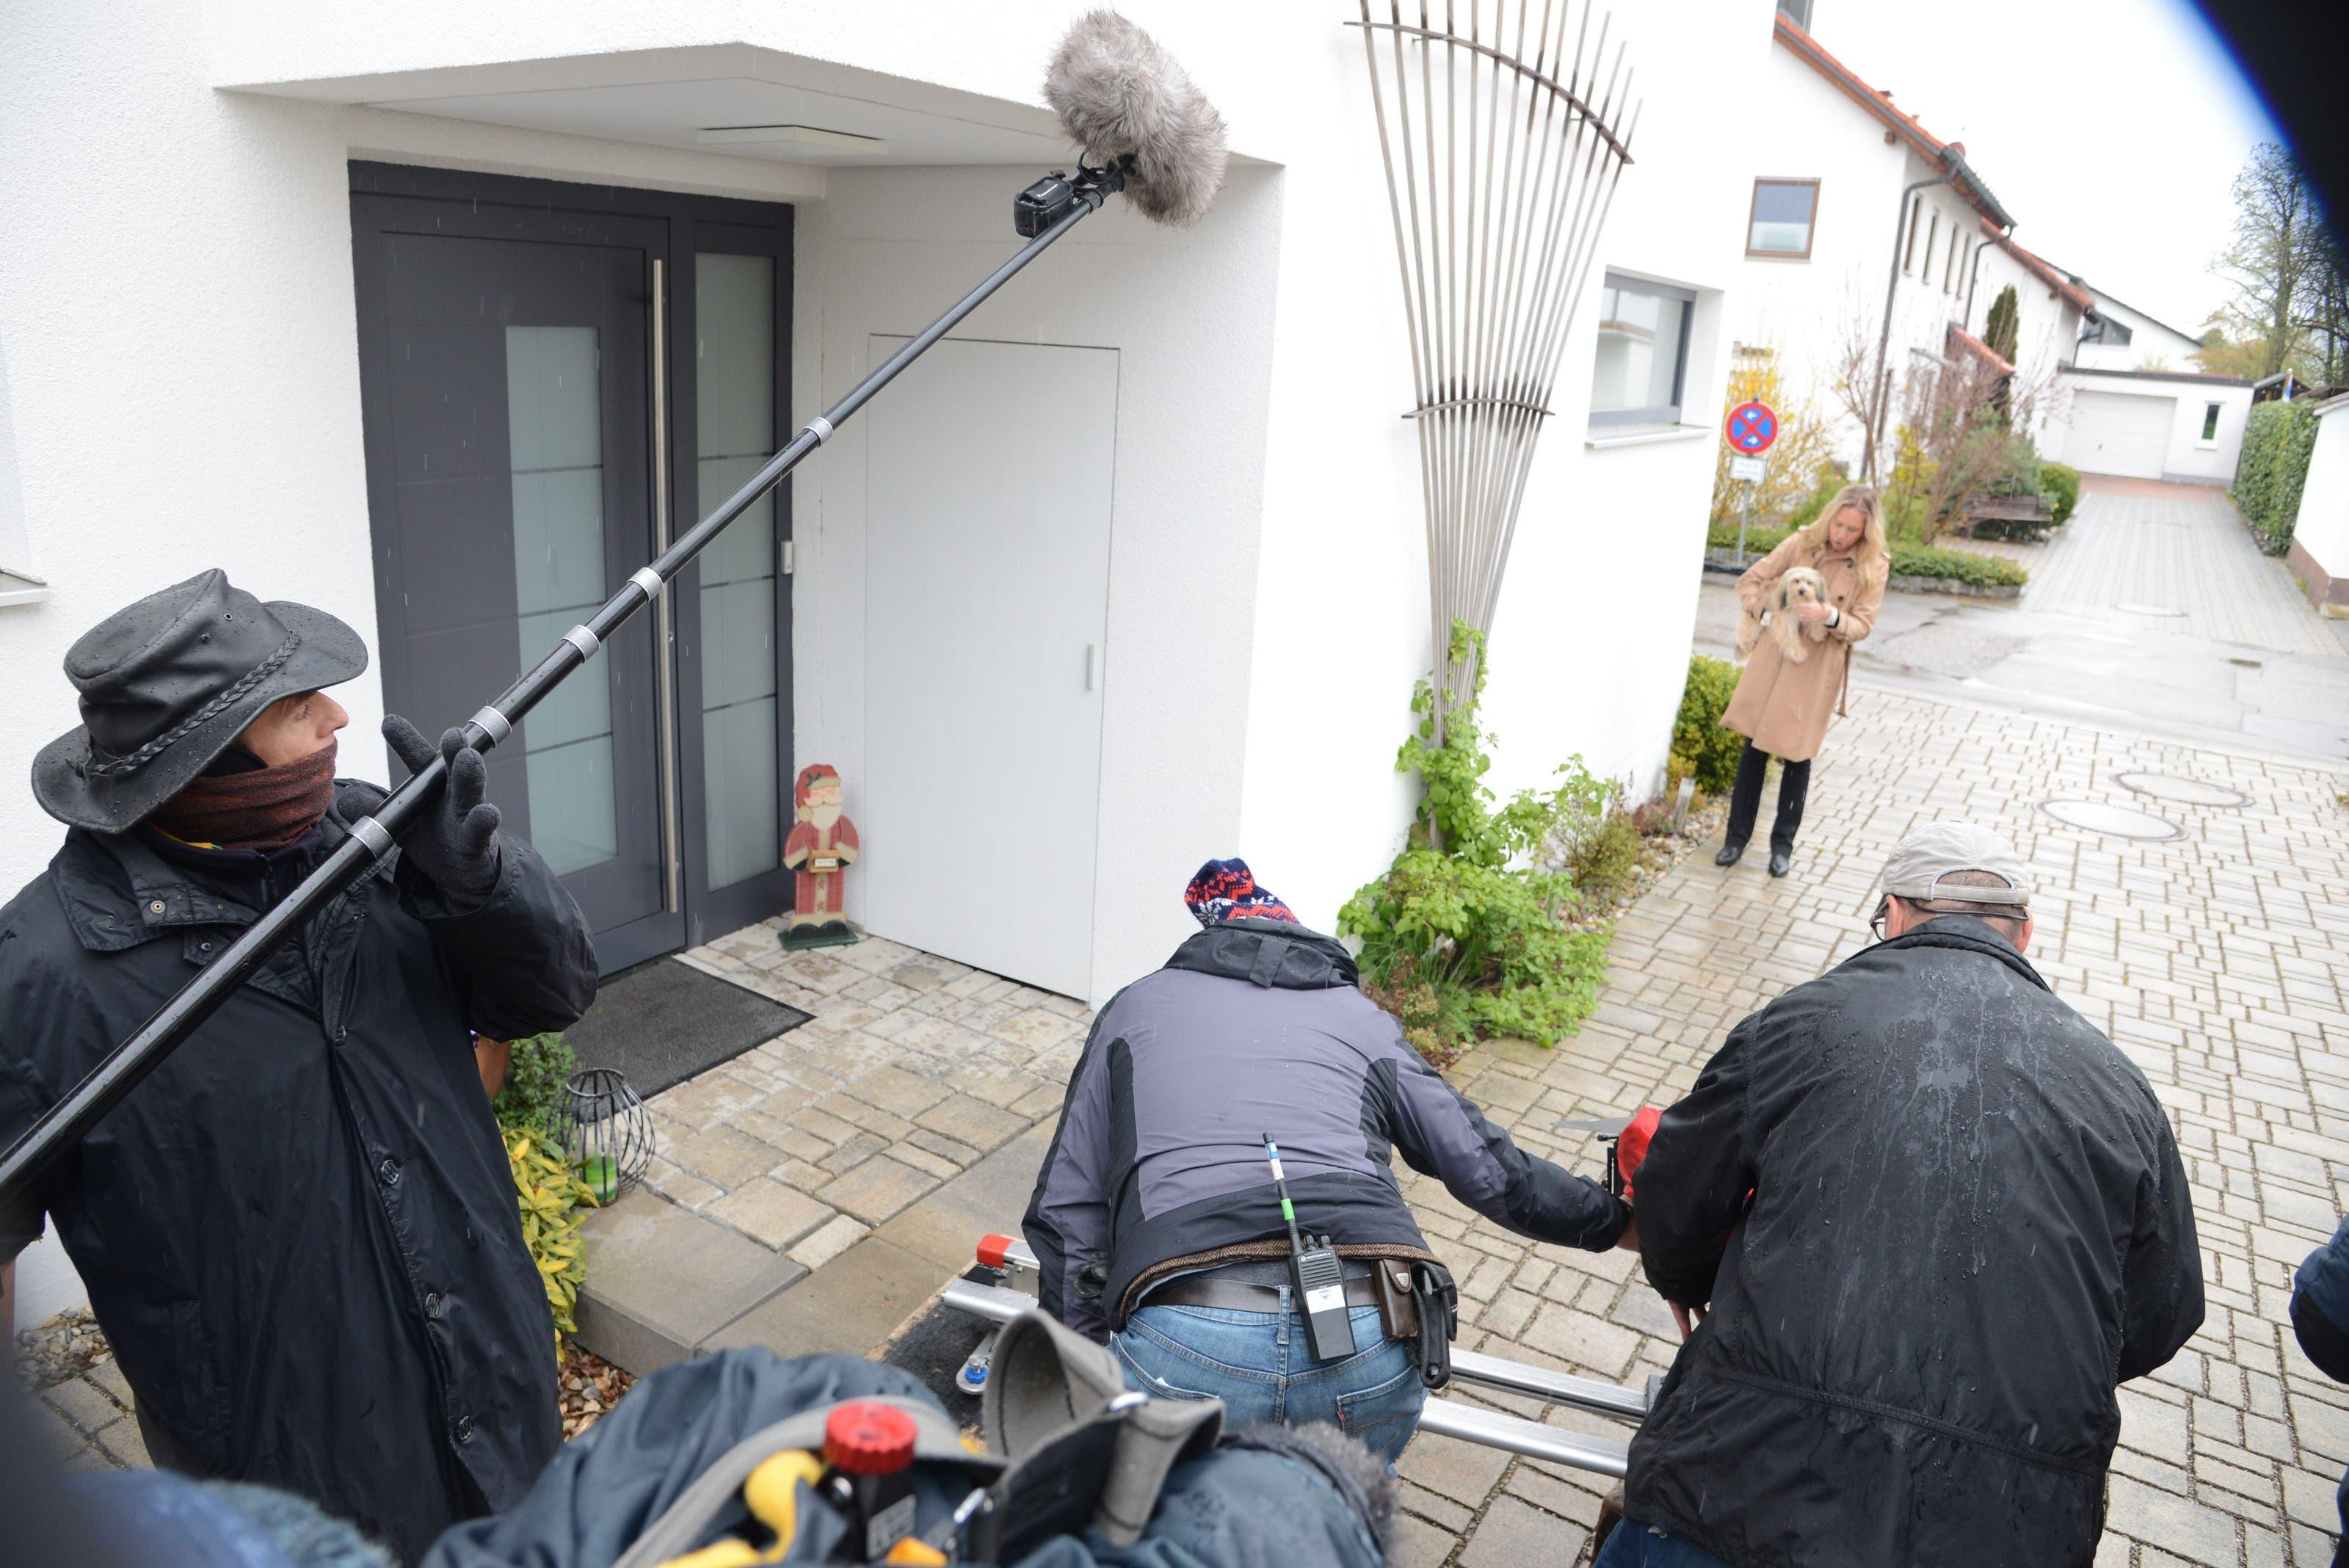 Vierfachmord Rupperswil: Der Dreh von «Aktenzeichen XY»